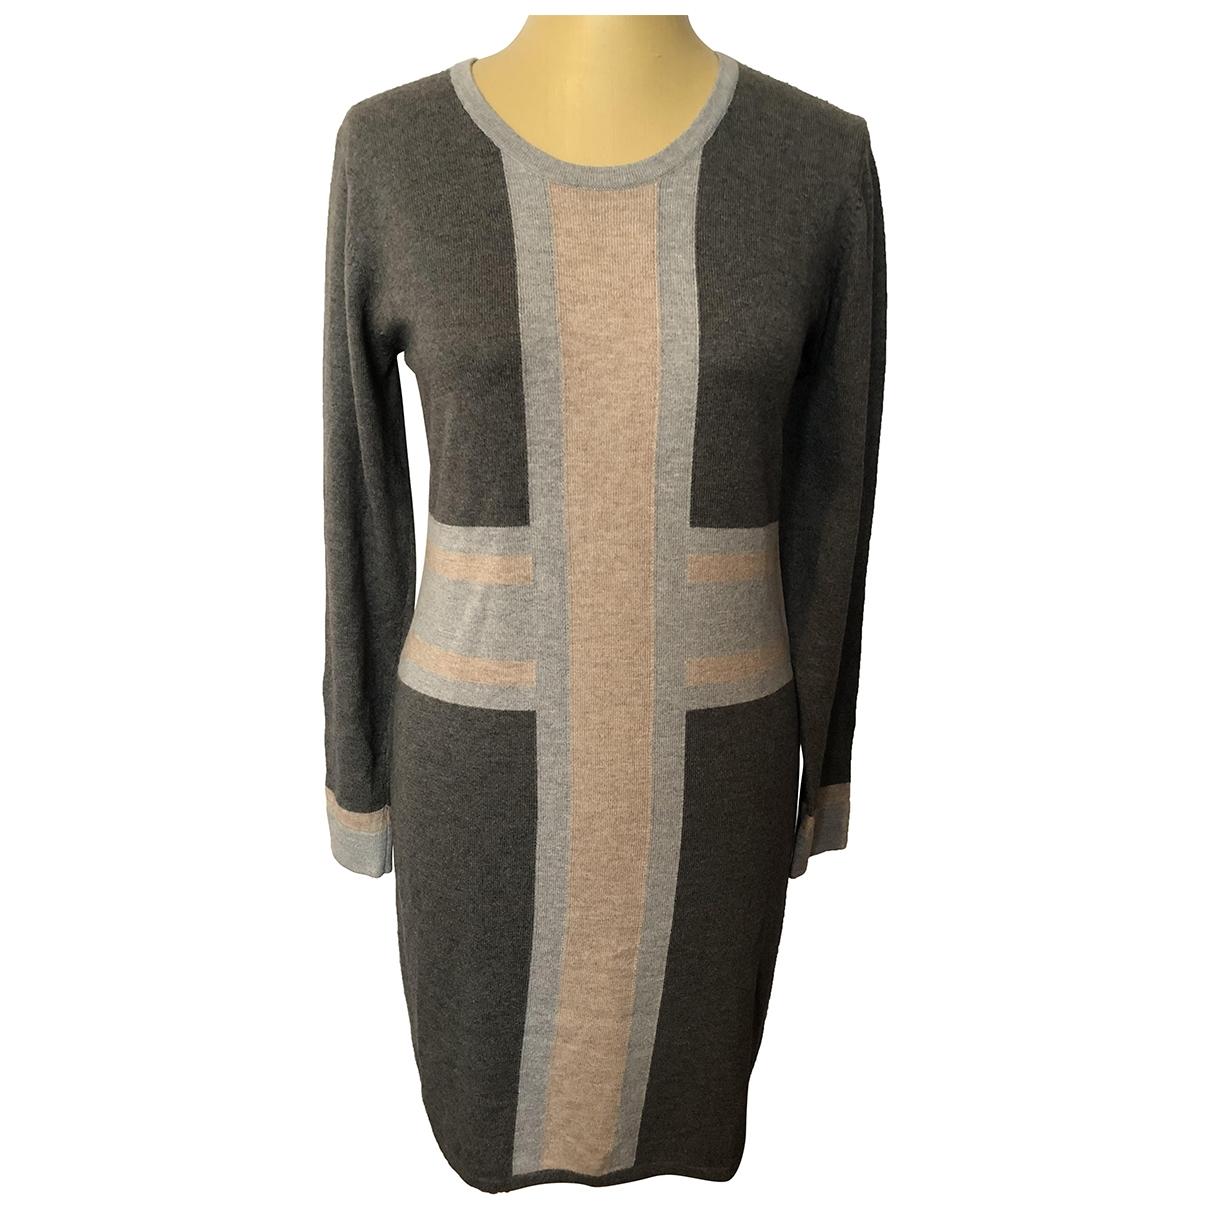 Rodier \N Grey Wool dress for Women 38 FR